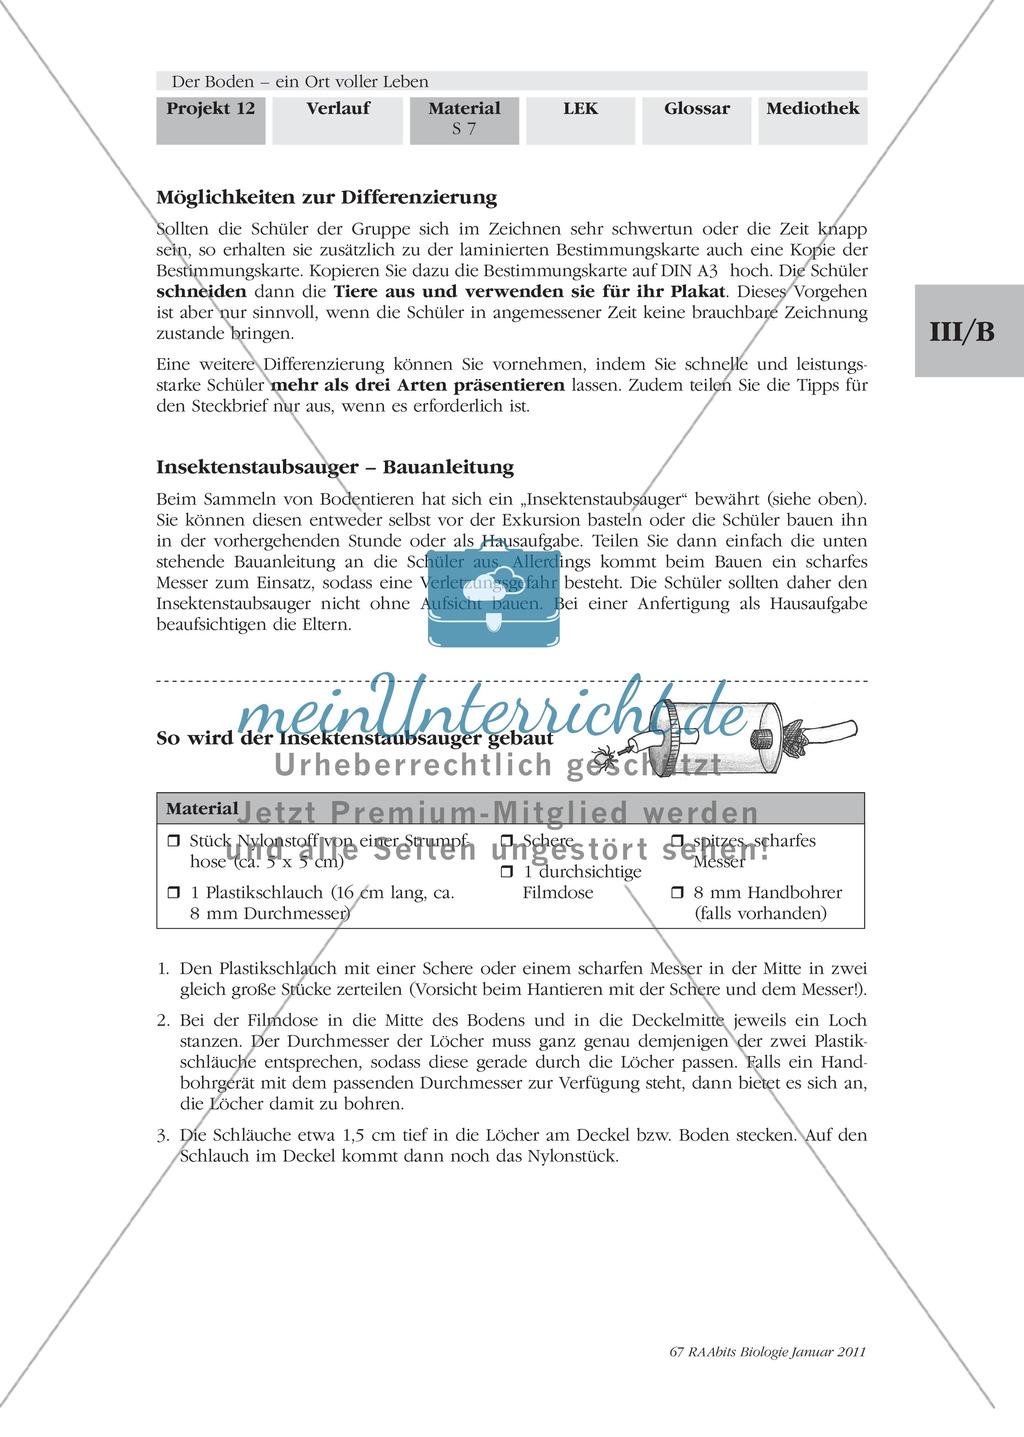 Bodentiere: Untersuchung und Bestimmung, Steckbrief, Exkursion, Präsentation Preview 5